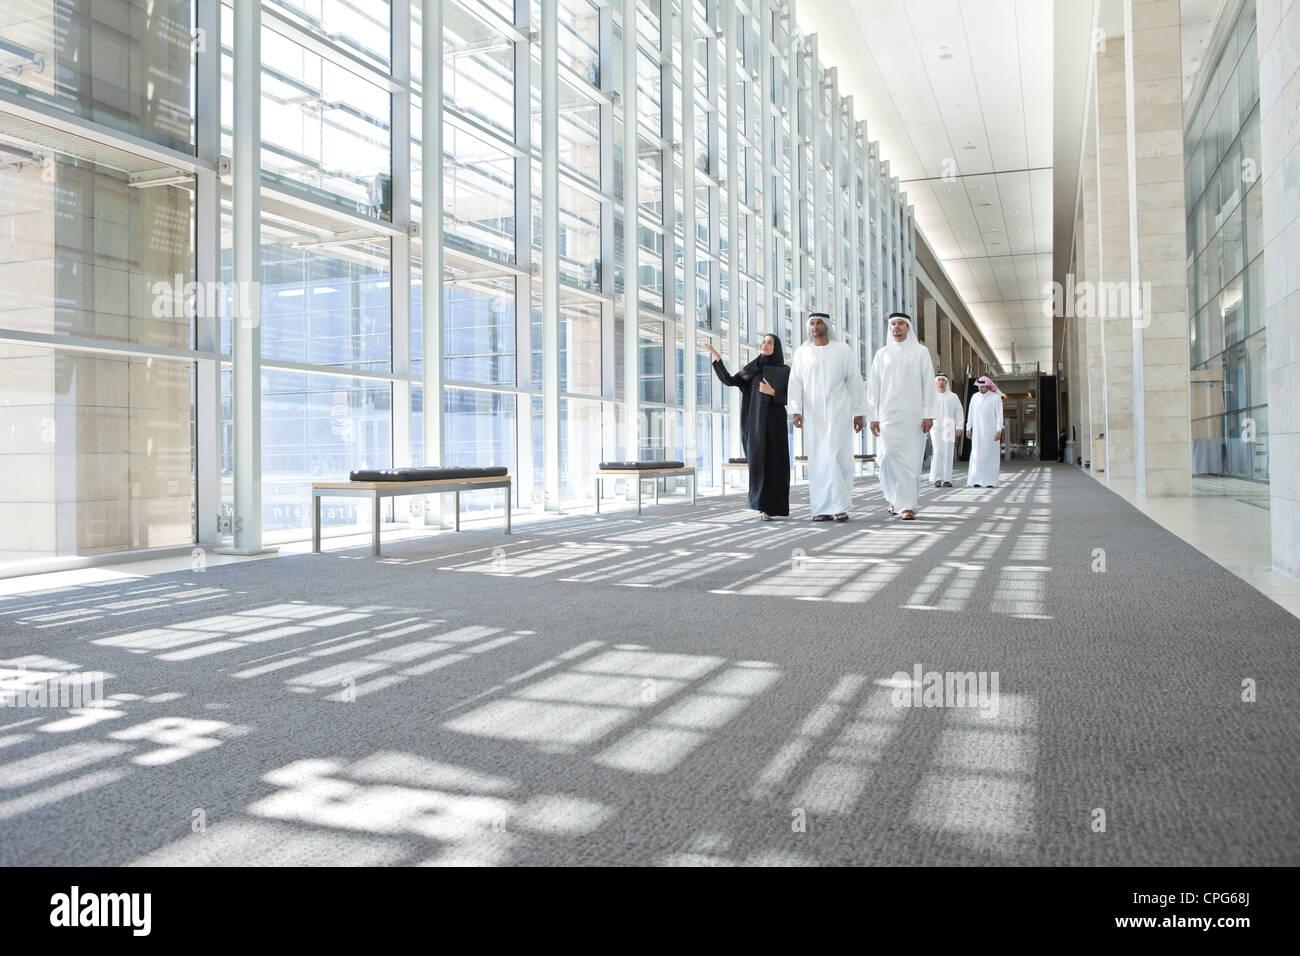 Geschäftsleute sprechen während des Gehens auf dem Büro-Flur. Stockbild